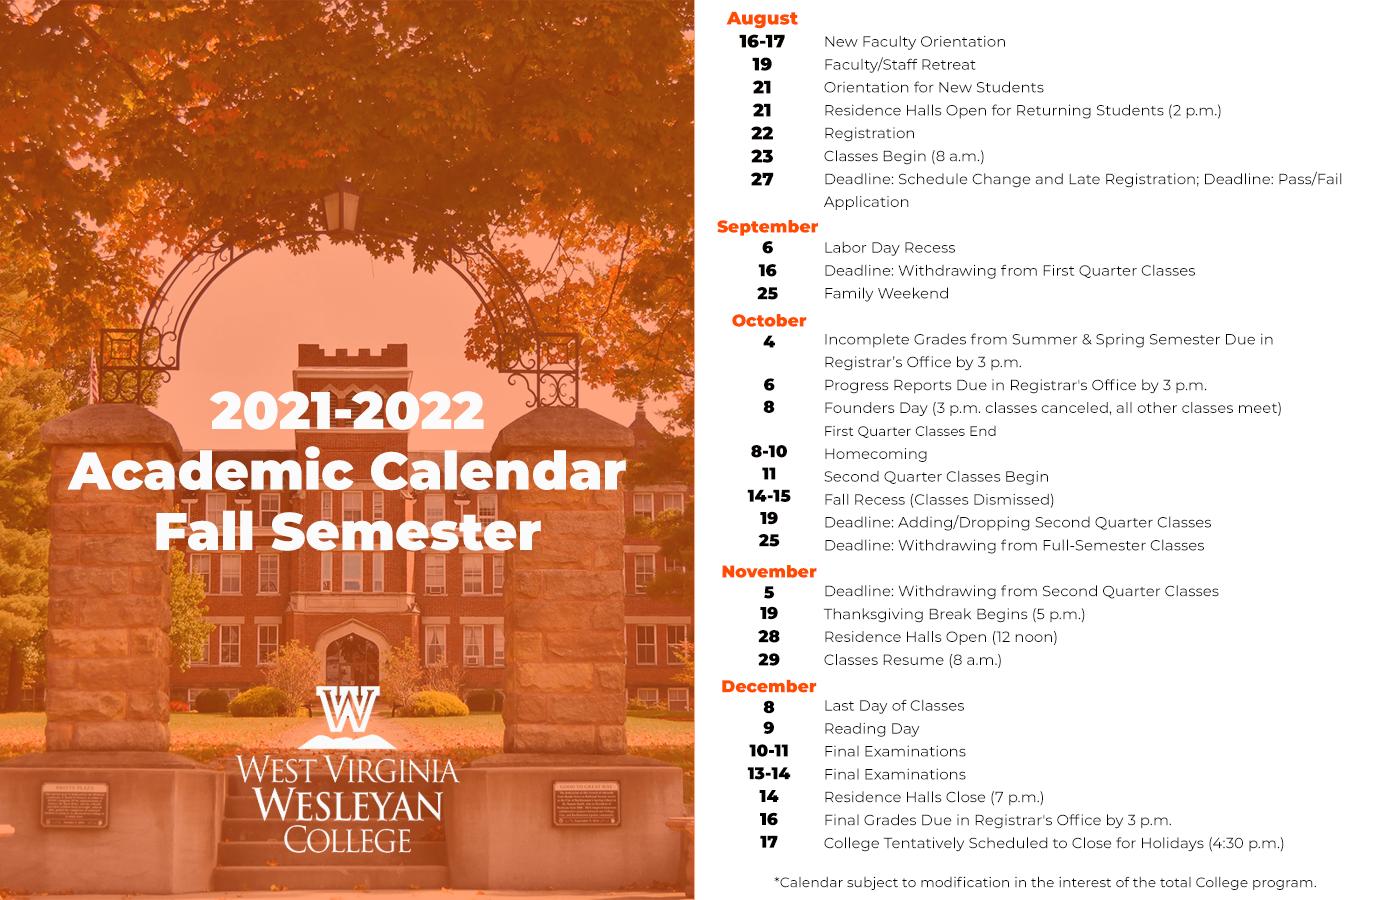 Rice Academic Calendar Spring 2022.Academic Calendar West Virginia Wesleyan College West Virginia Wesleyan College